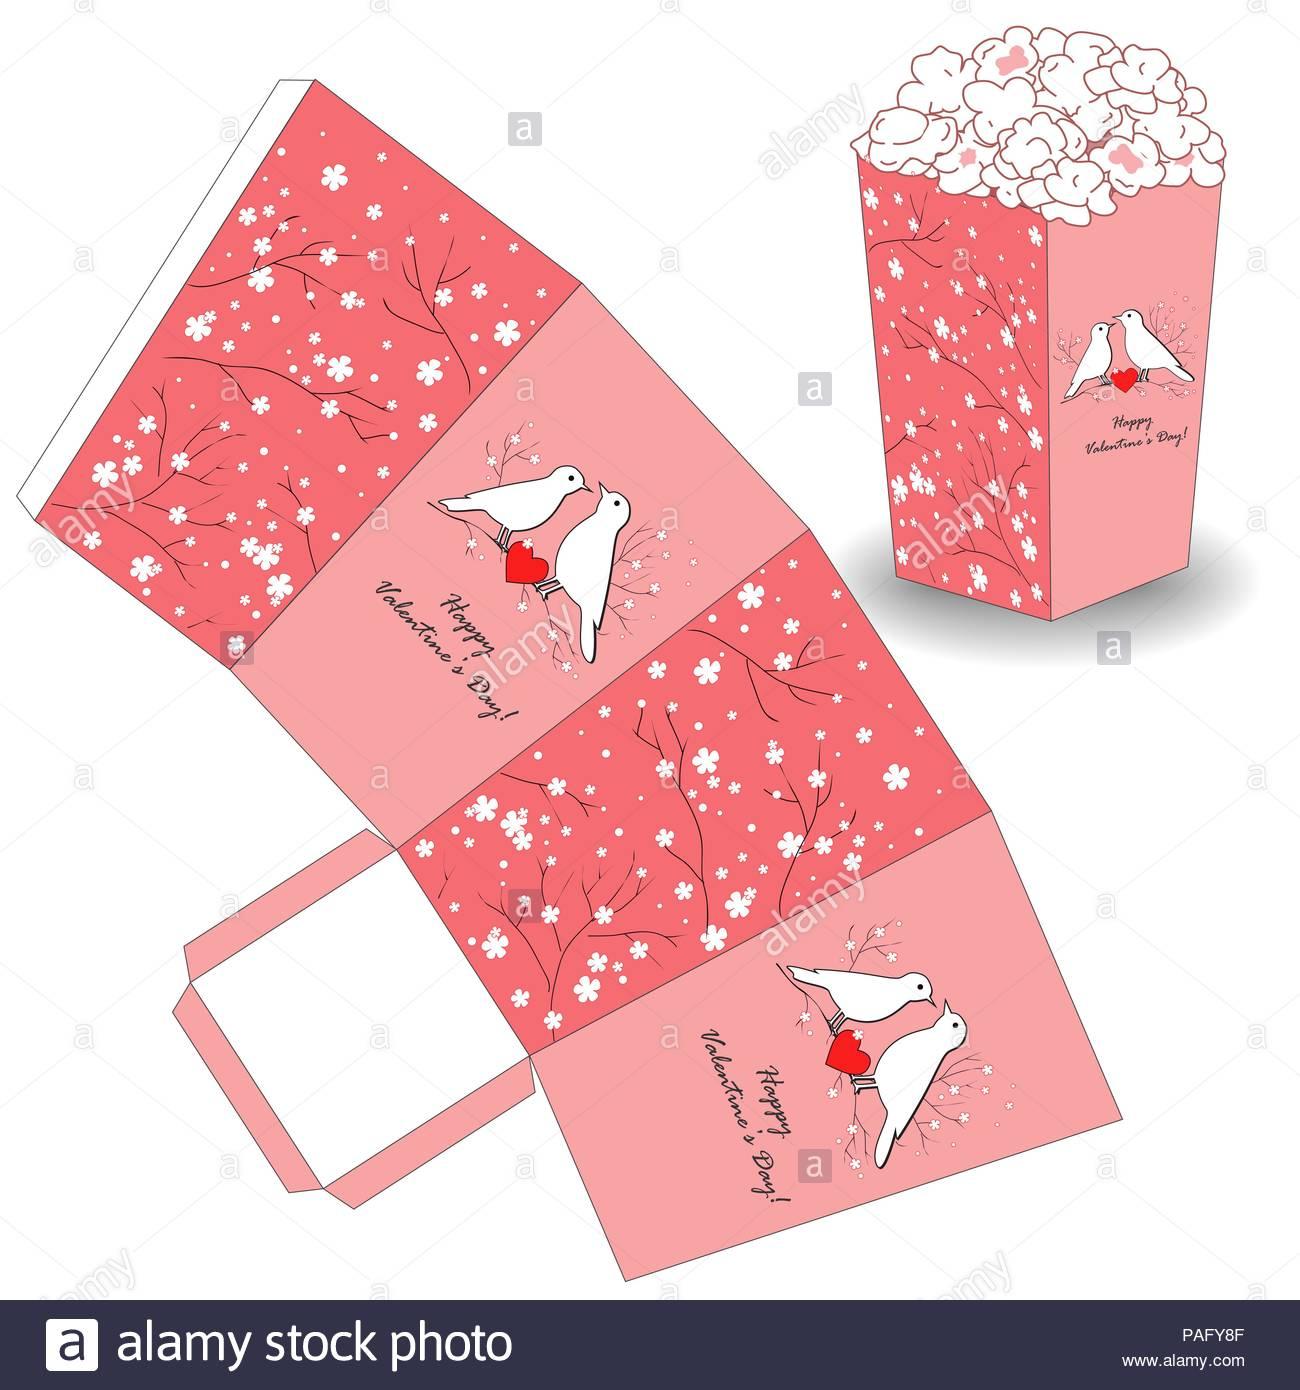 Modèle De Popcorn Pour La Saint-Valentin. La Conception De concernant Modèle Oiseau À Découper